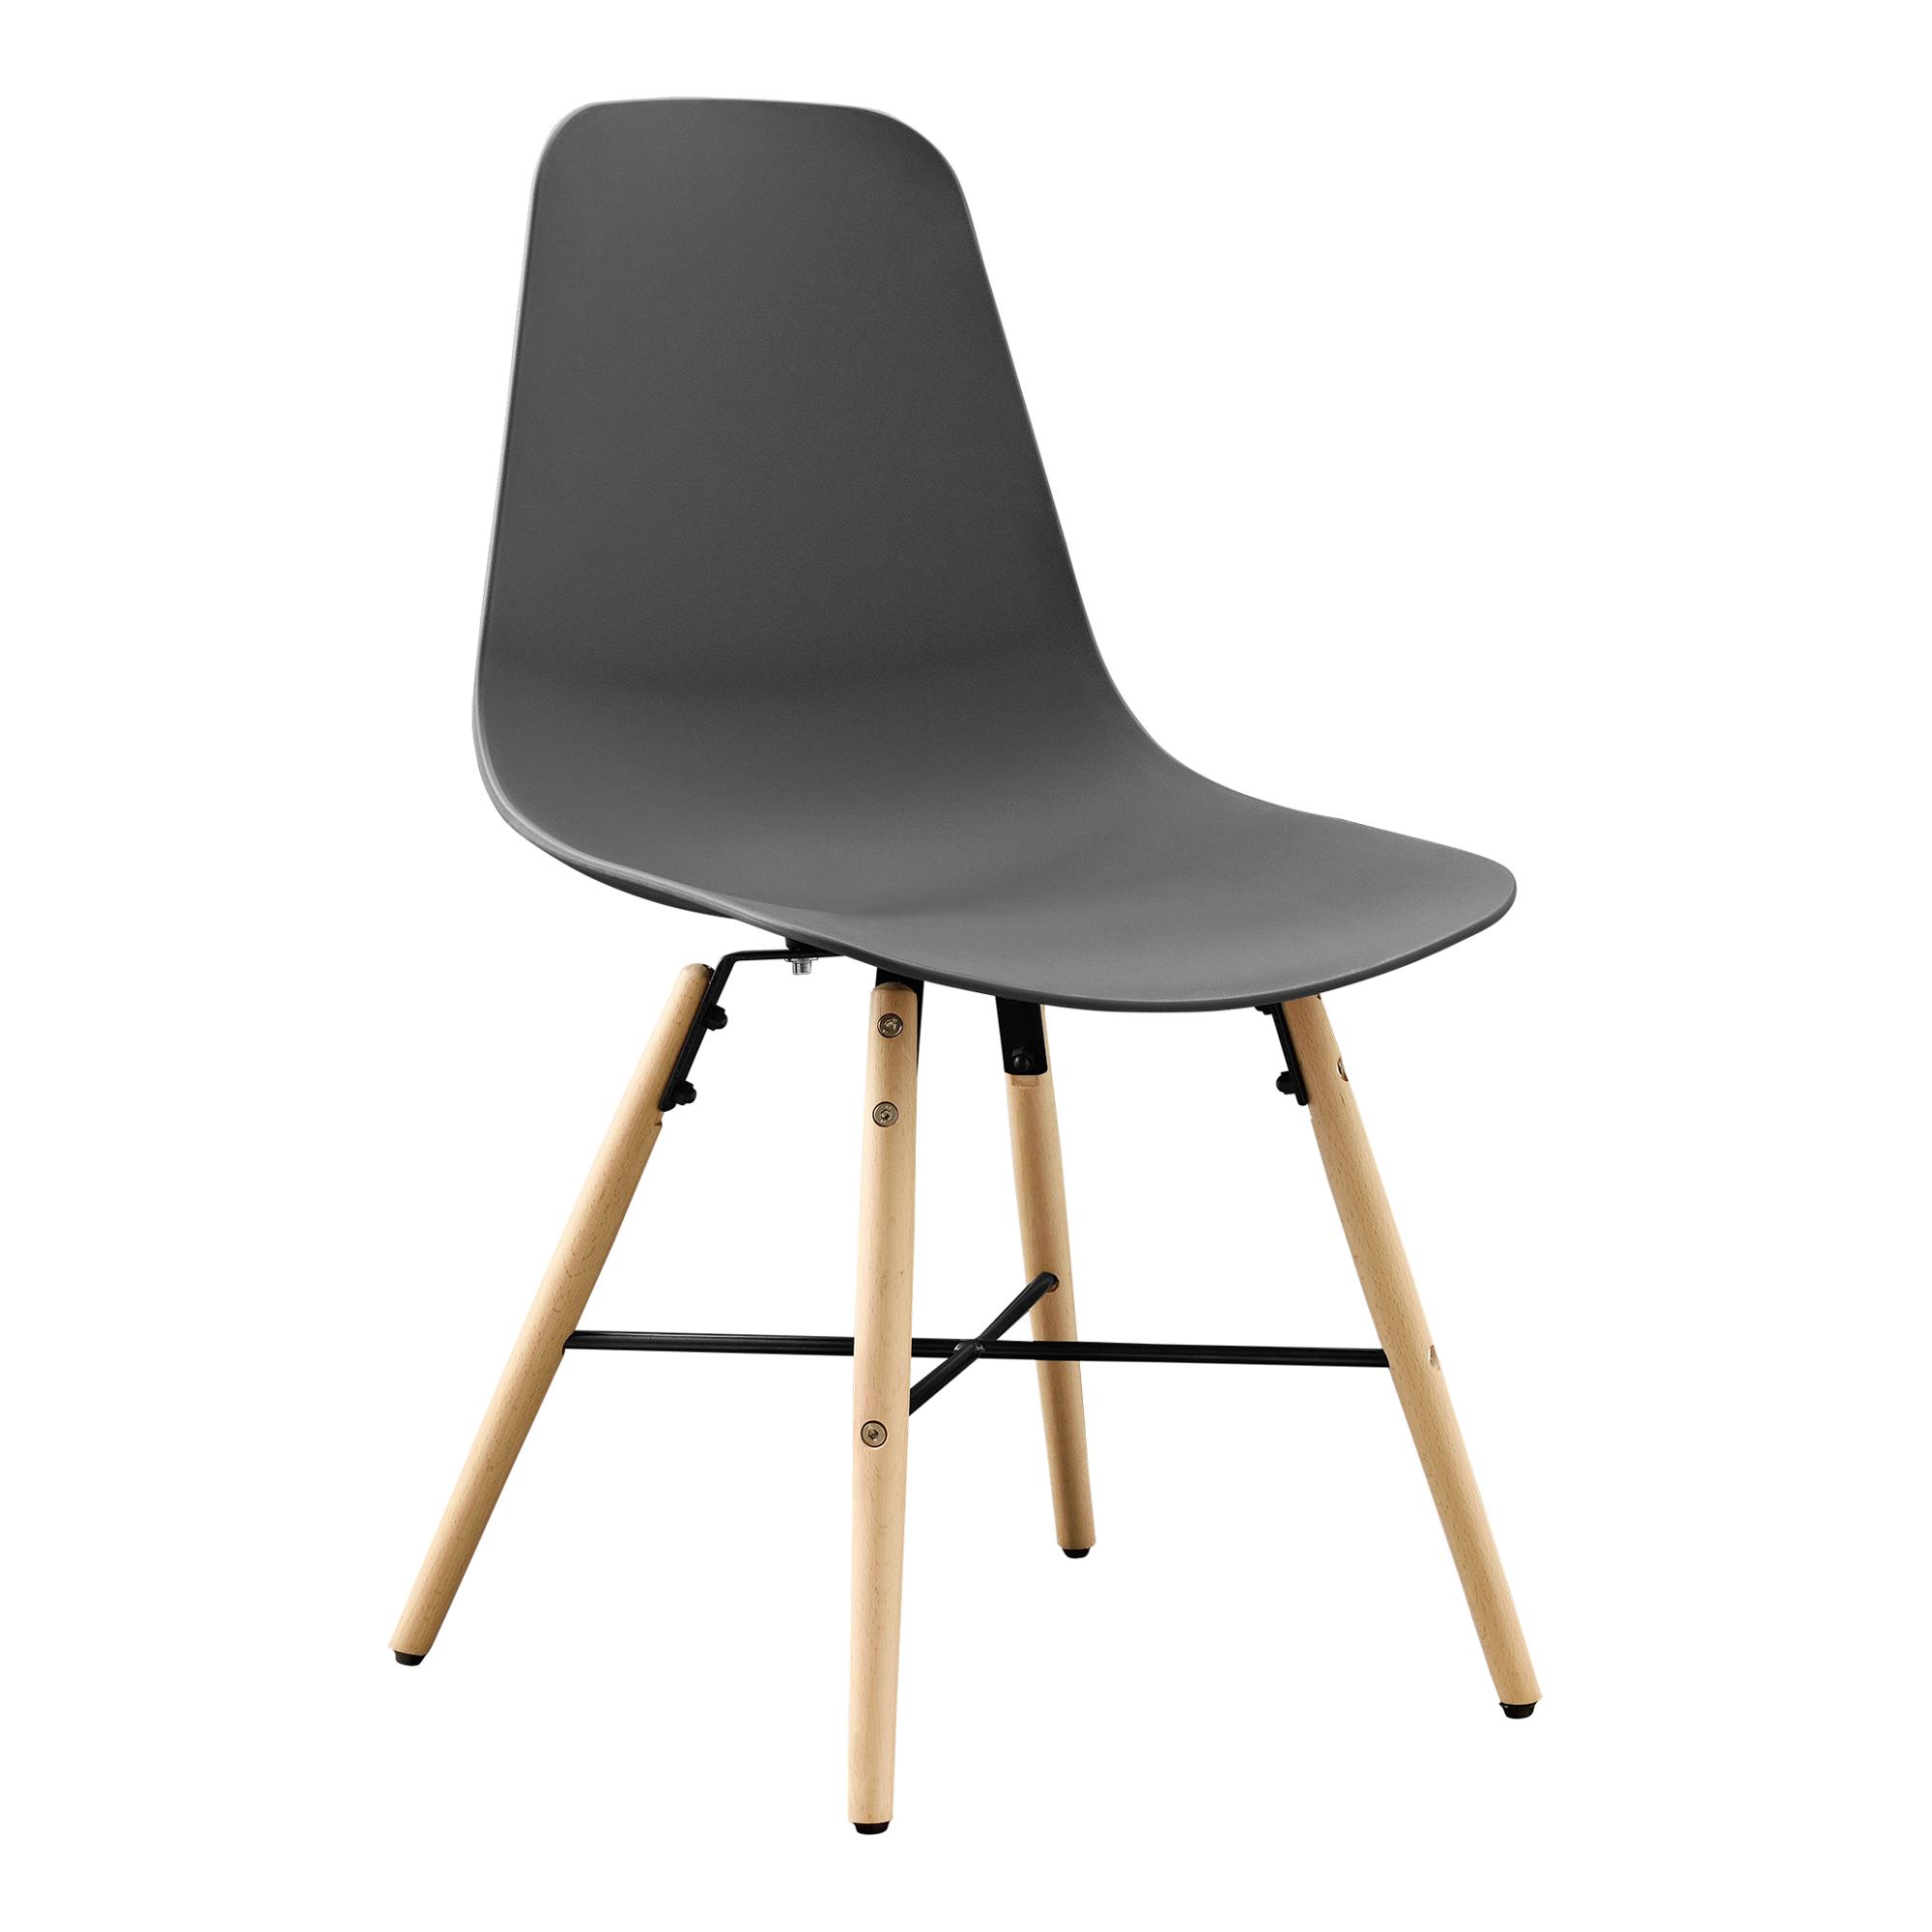 en.casa] Set de 6 sillas de comedor gris plástico diseño retro ...